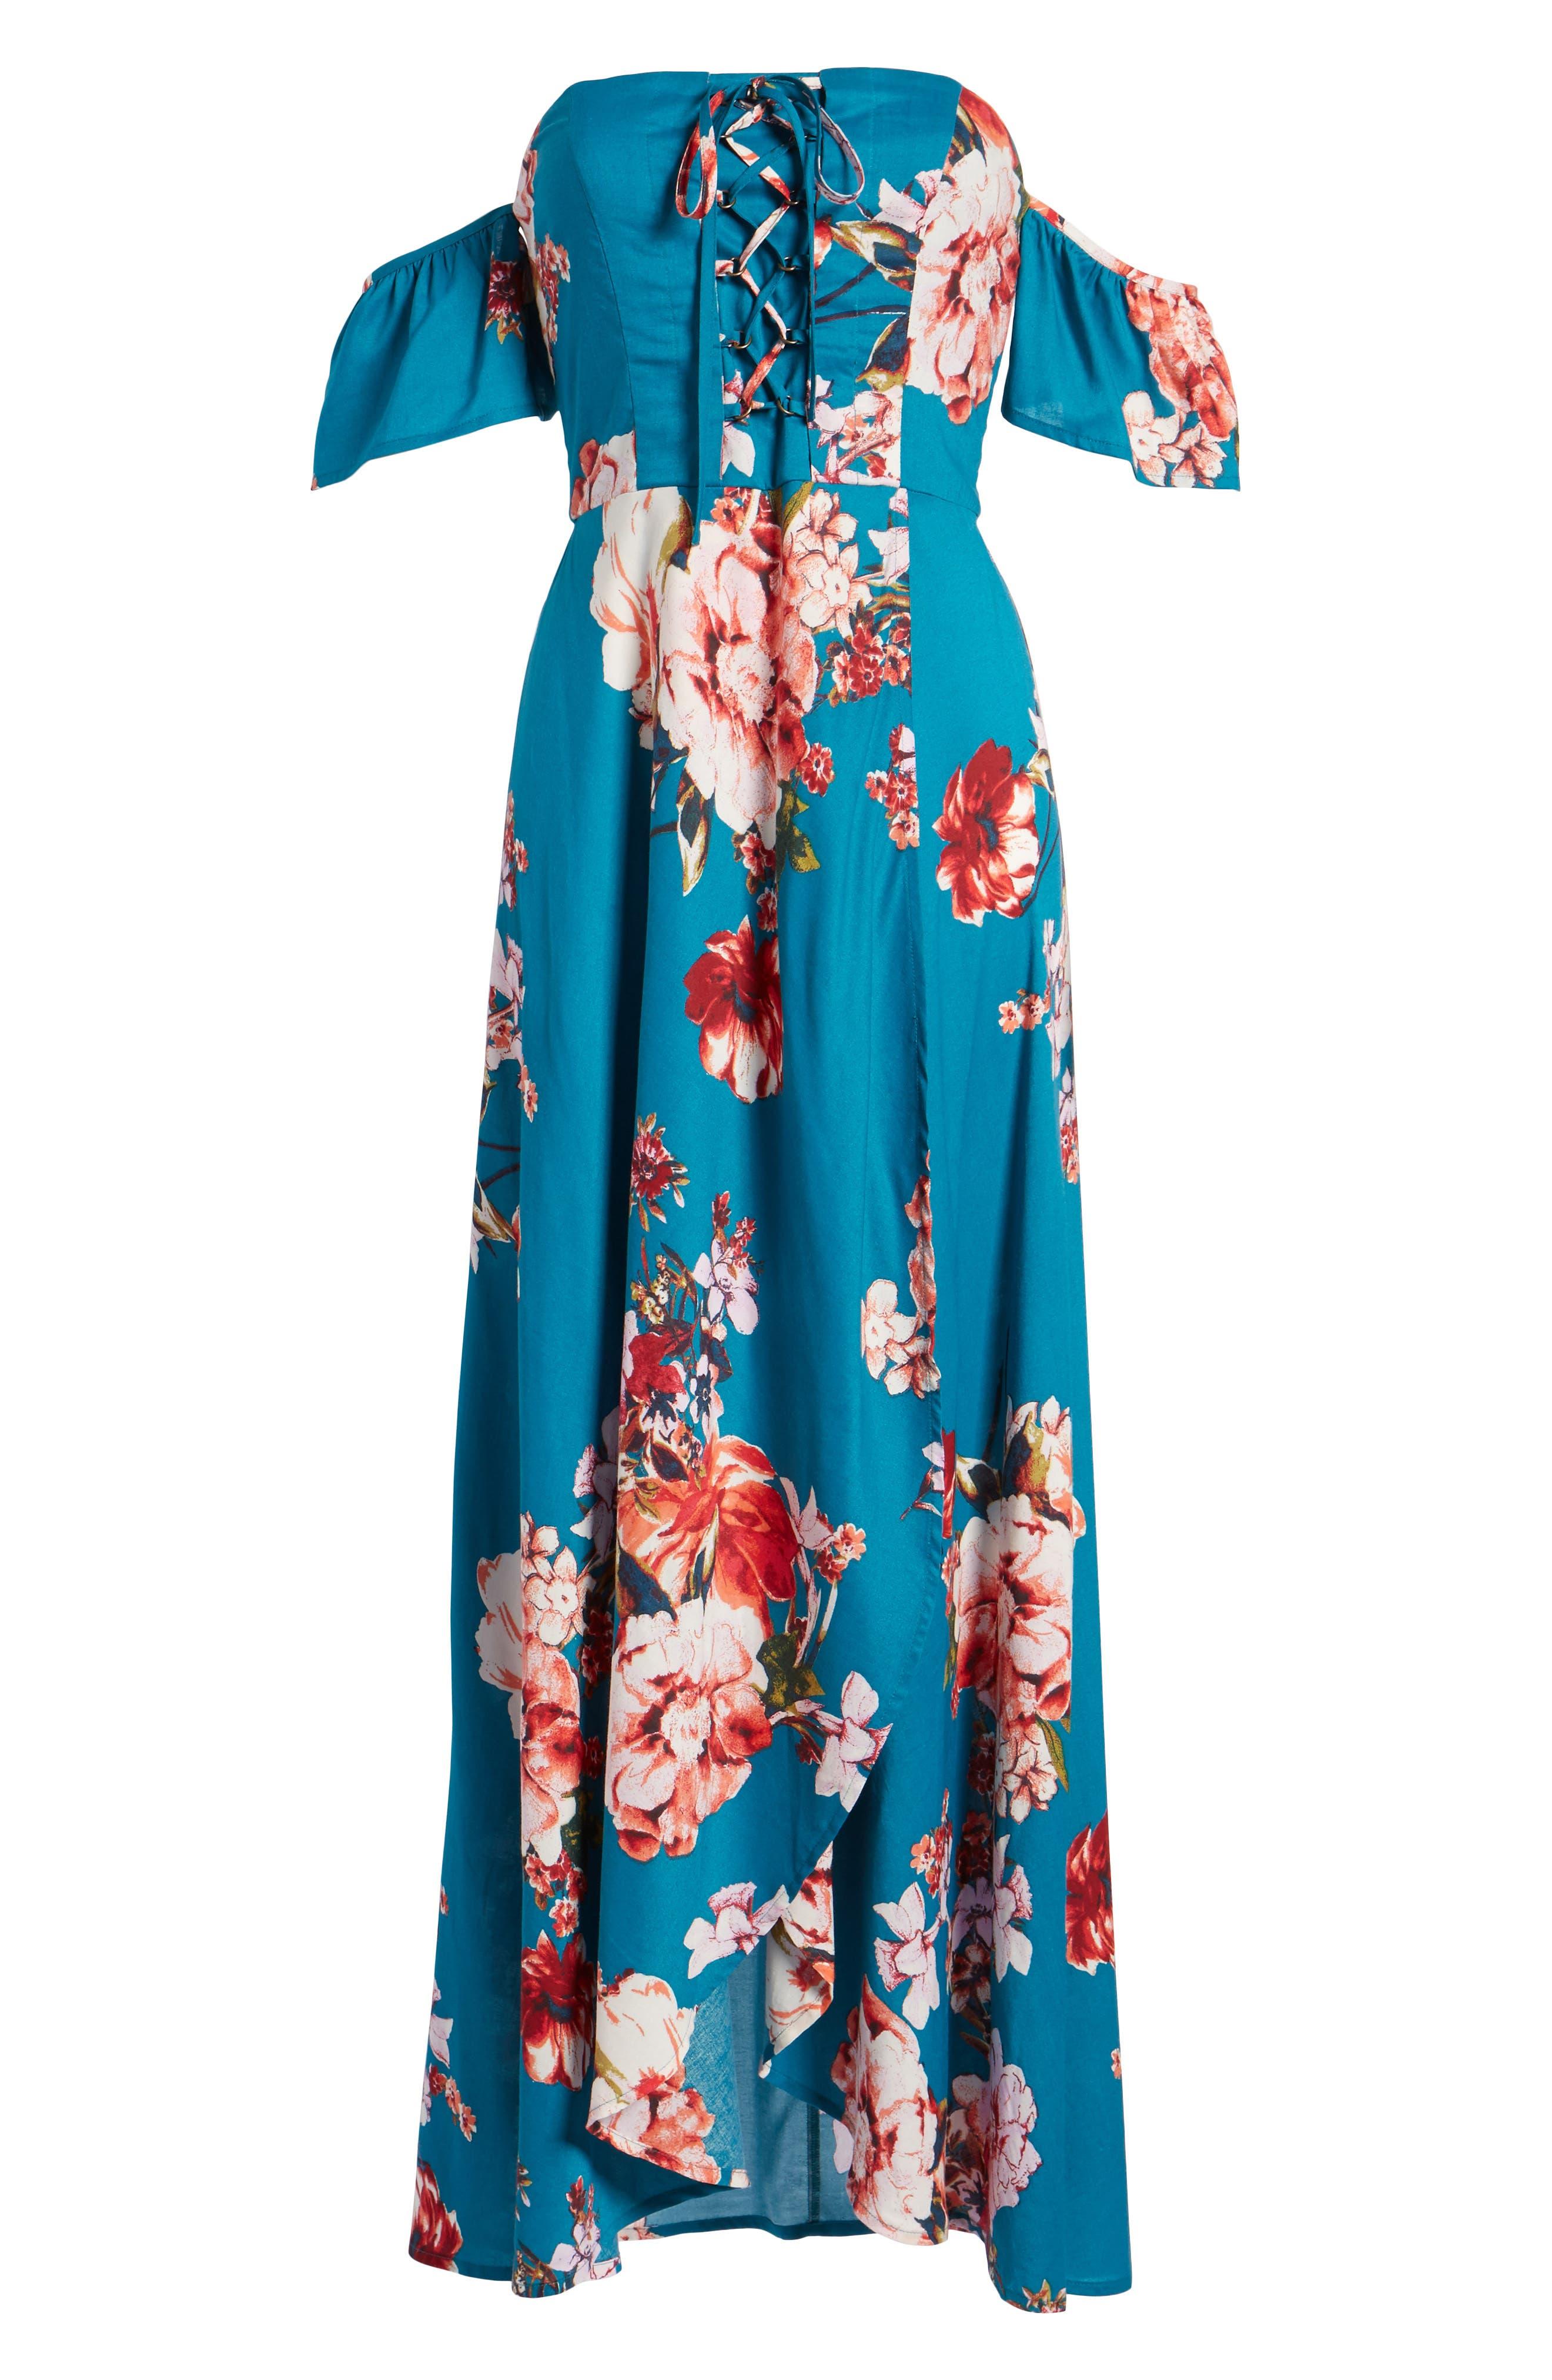 Lace Up Cold Shoulder Maxi Dress,                             Alternate thumbnail 6, color,                             402